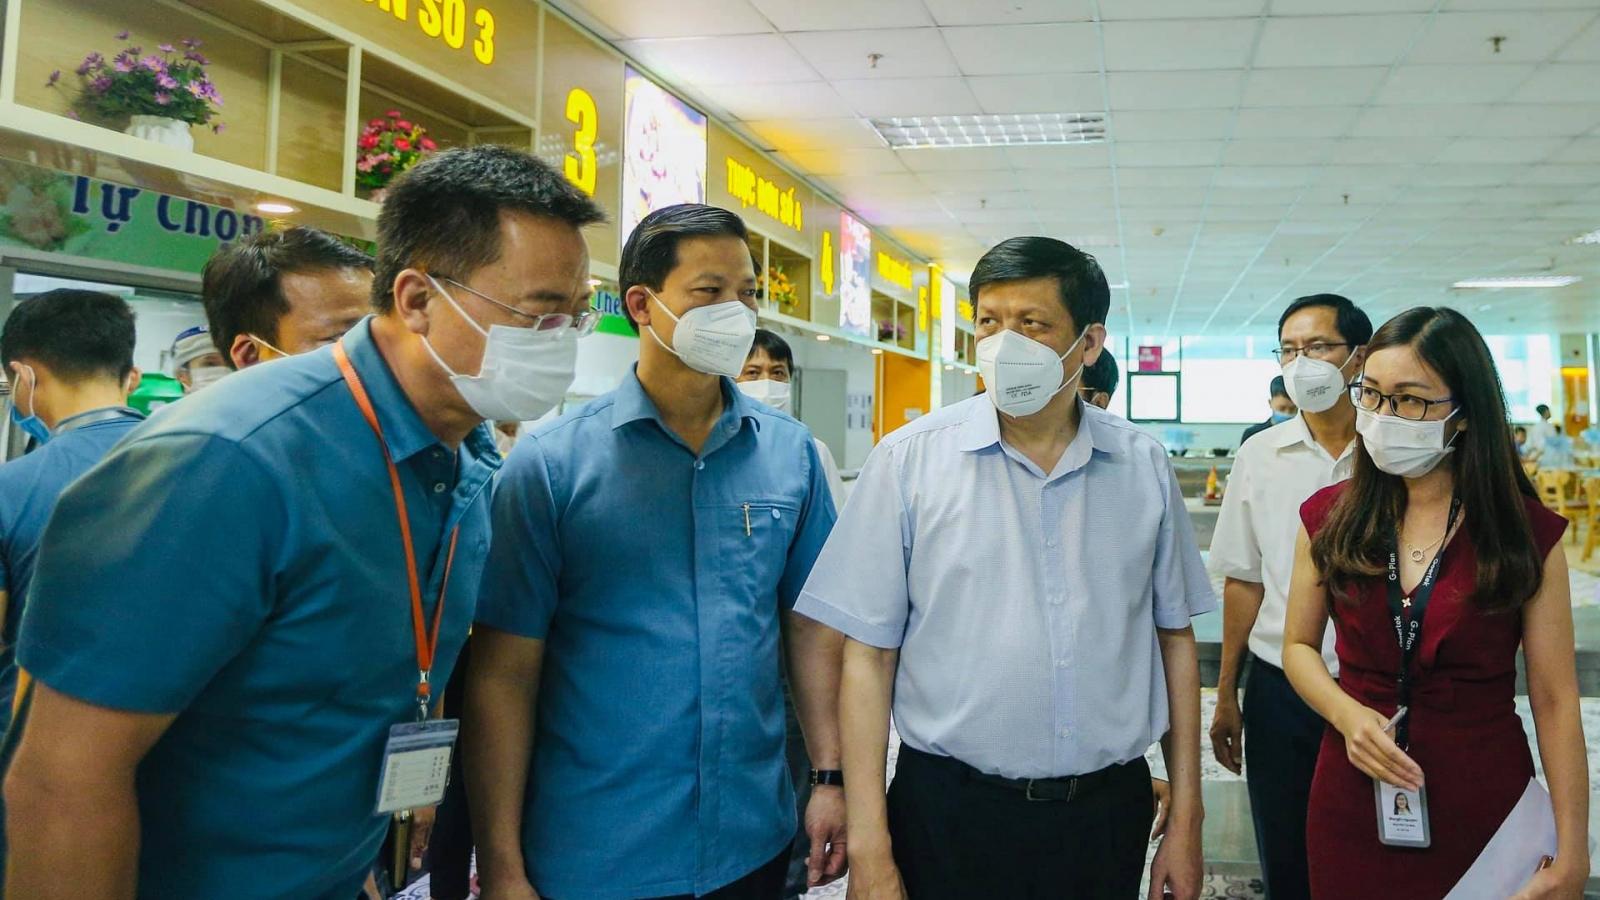 Bộ Y tế đánh giá ổ dịch tại Mão Điền (Bắc Ninh) còn kéo dài